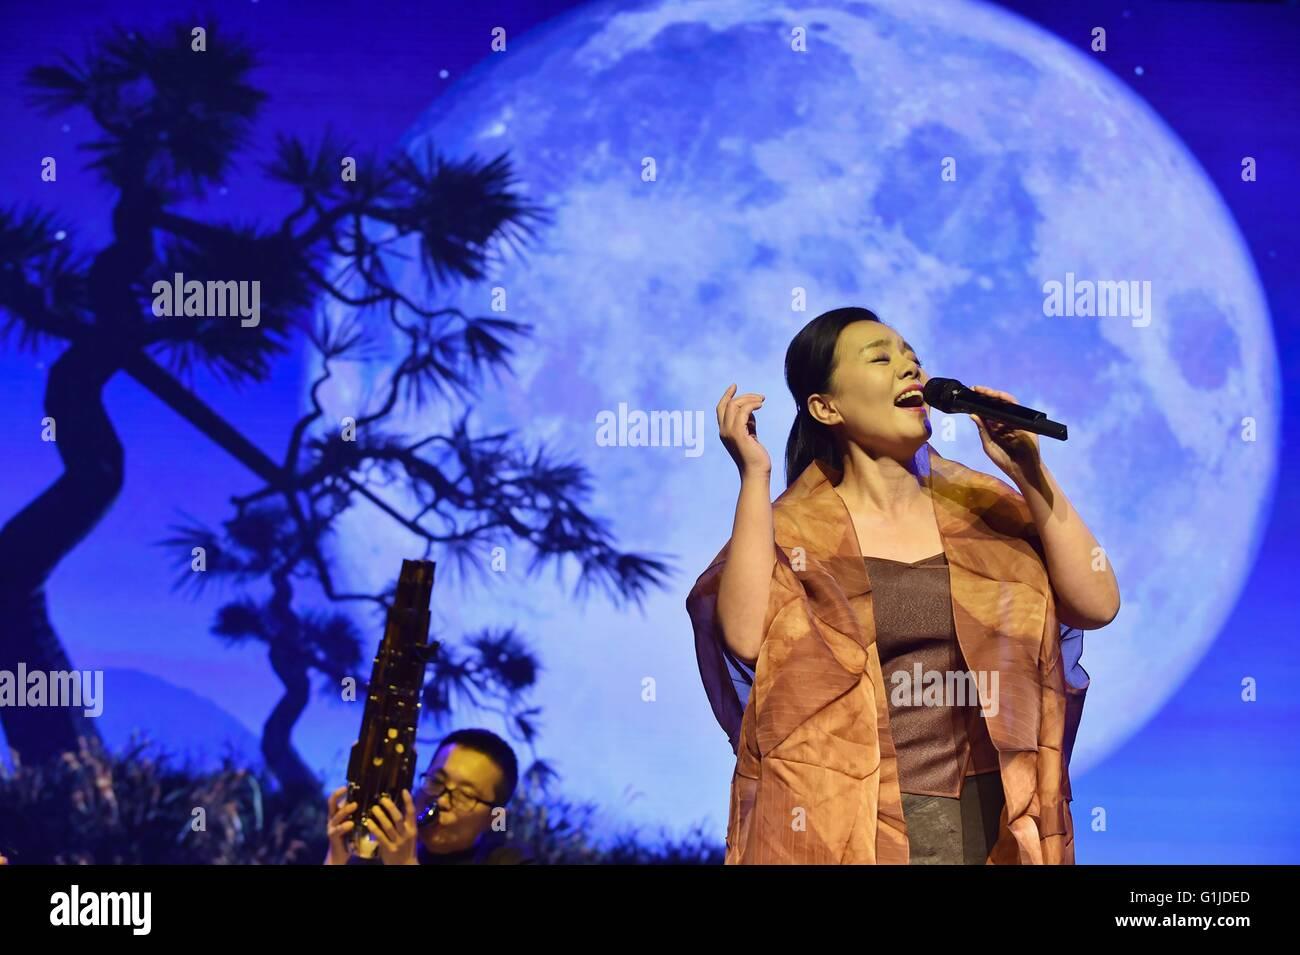 Pechino, Cina. 16 Maggio, 2016. Il cantante Gong Linna canta la canzone 'una tranquilla notte' durante la Immagini Stock